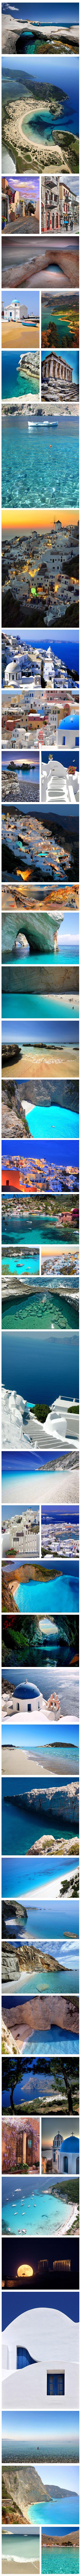 Grecia. Per vacanze in Grecia: http://www.vacanze-grecia.net/travelgood